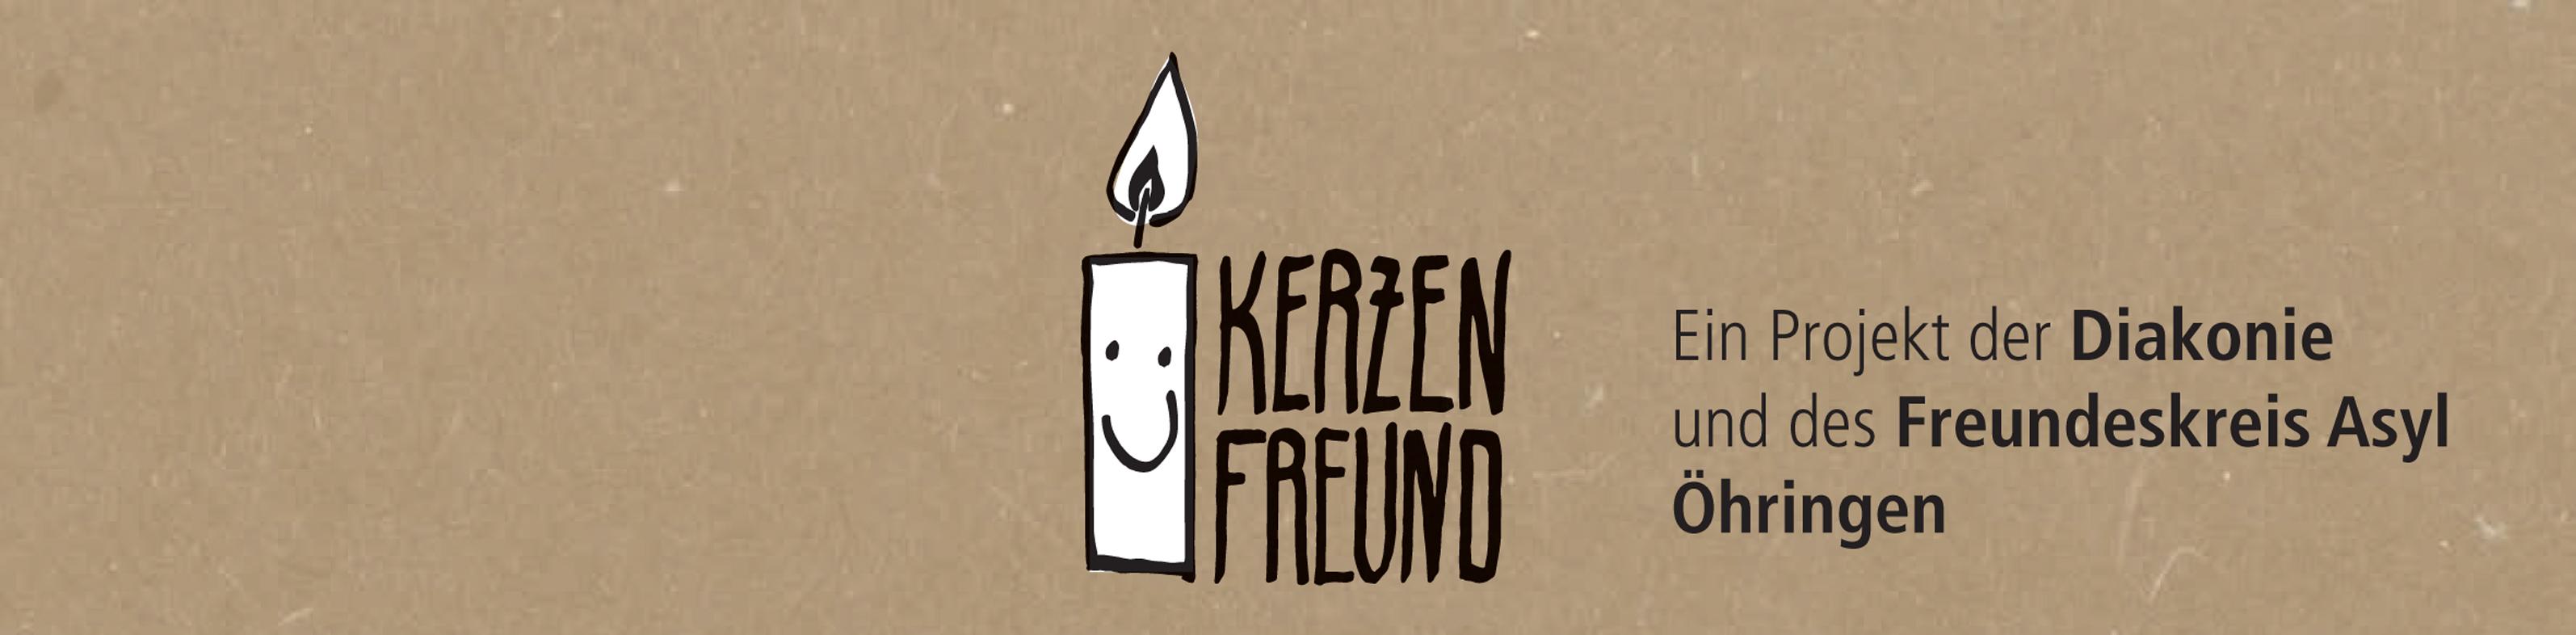 Kerzenfreund_Aufssteller.indd